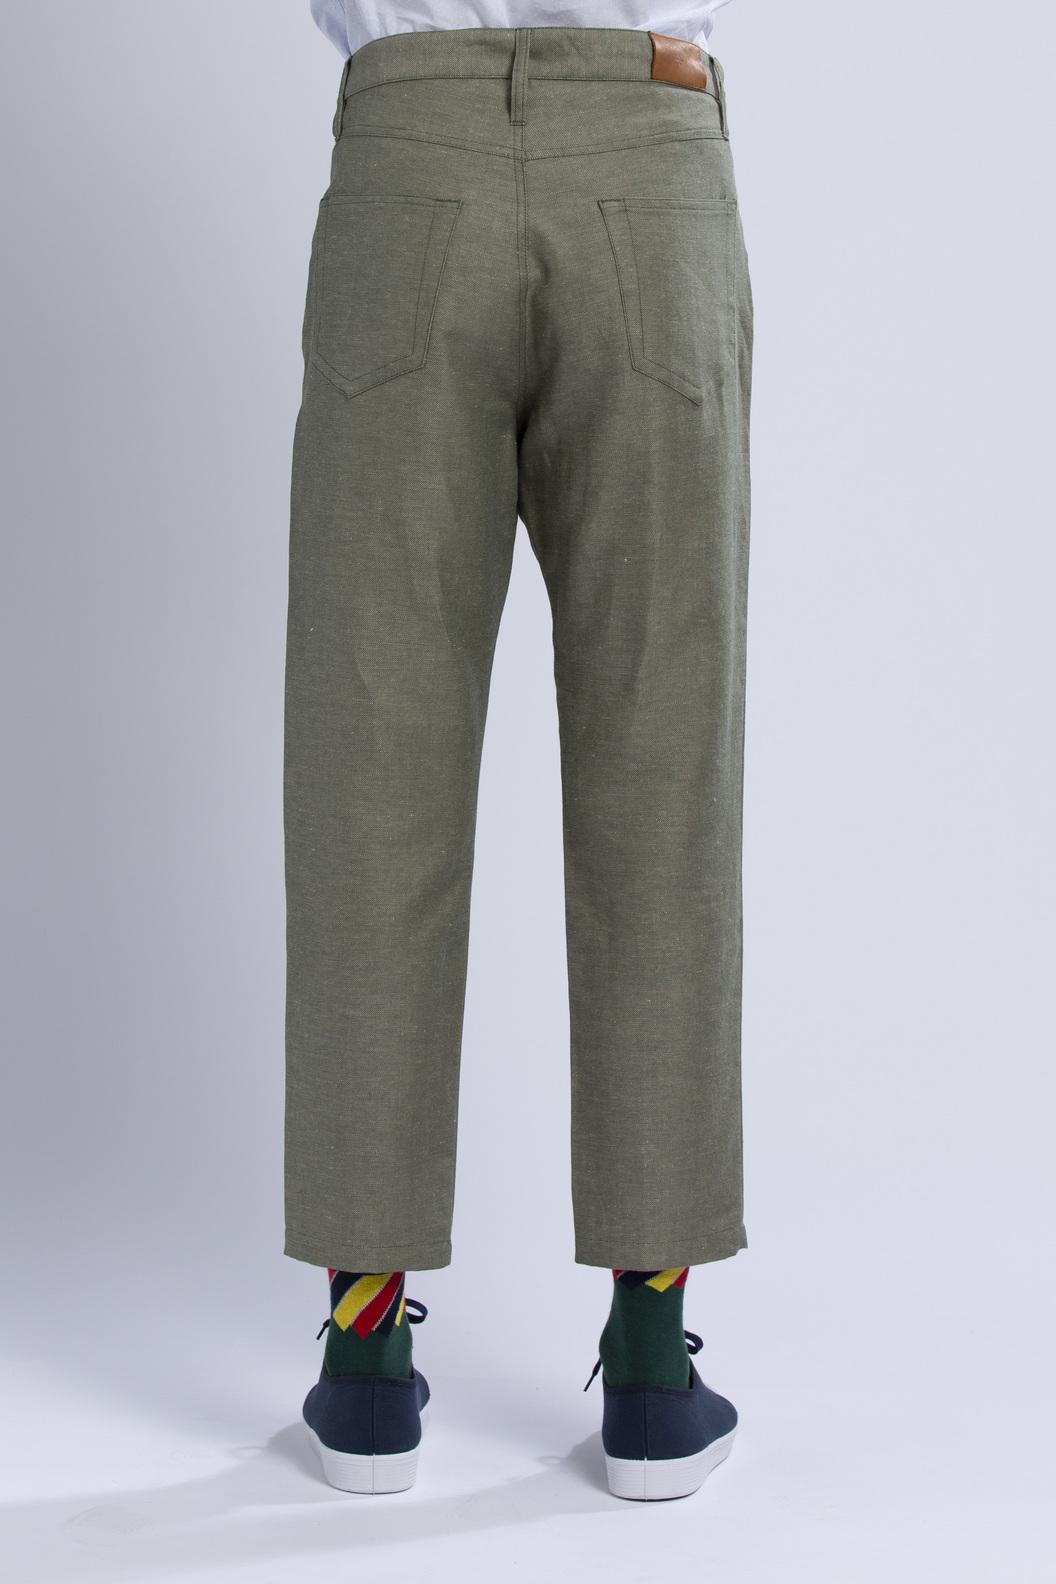 PANTALON GN12 - Khaki